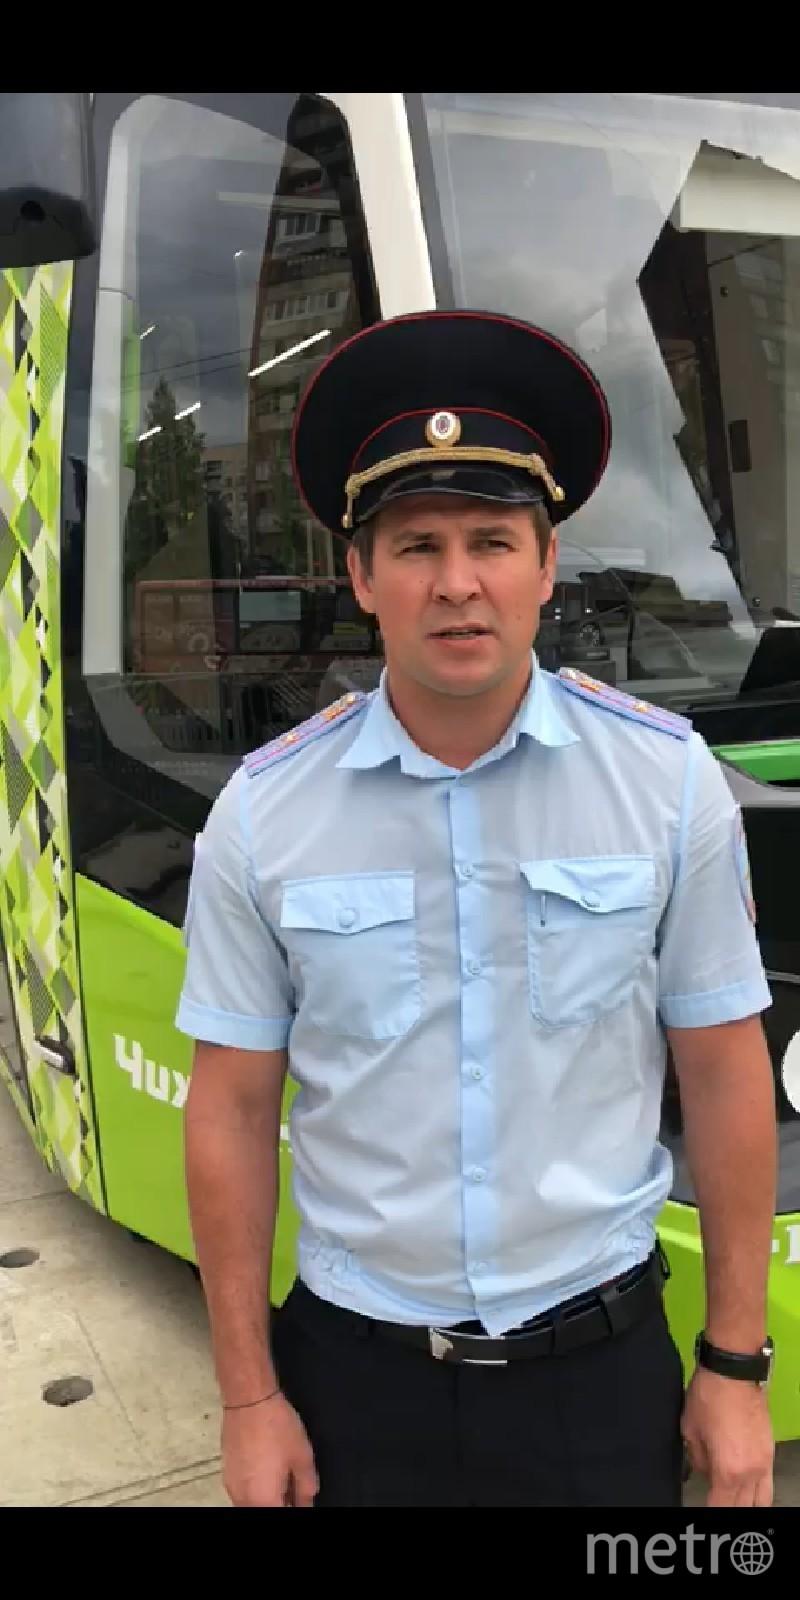 """О ДТП с велосипедистом на Наставников сообщили полицейские. Фото предоставлено ГИБДД, """"Metro"""""""